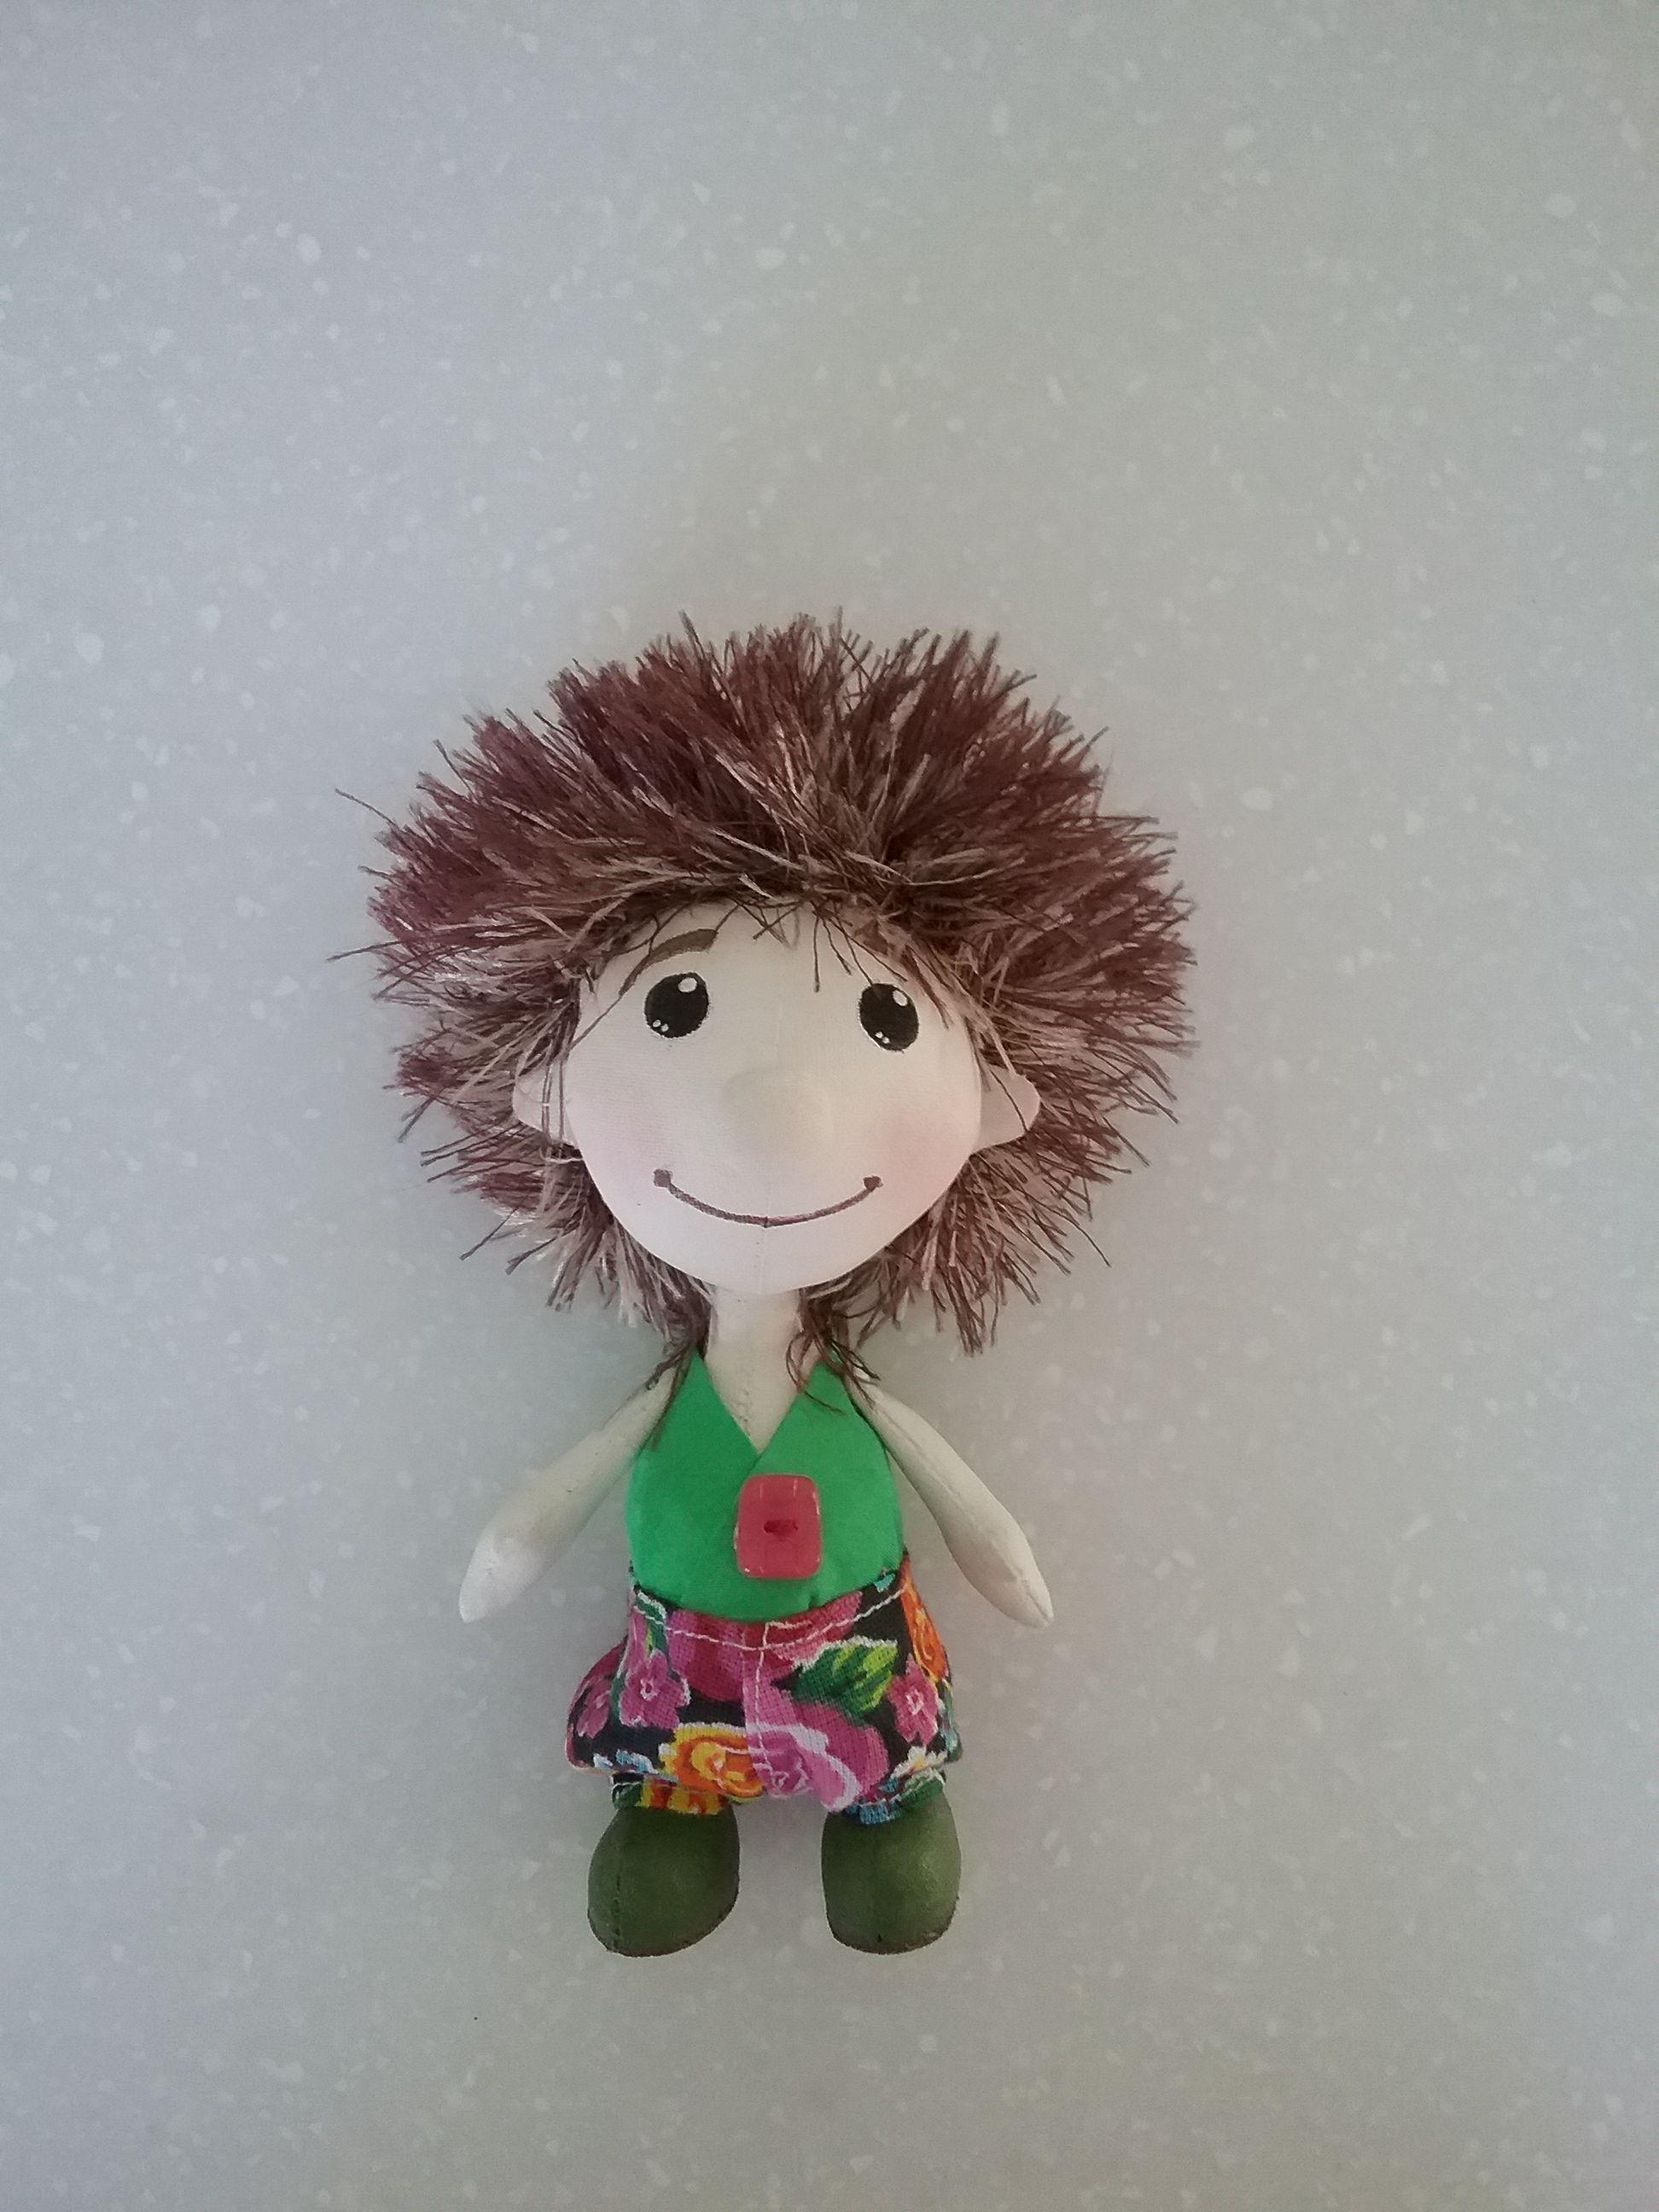 подарок умиление игрушкаручнойработы к вдохновение празднику милота